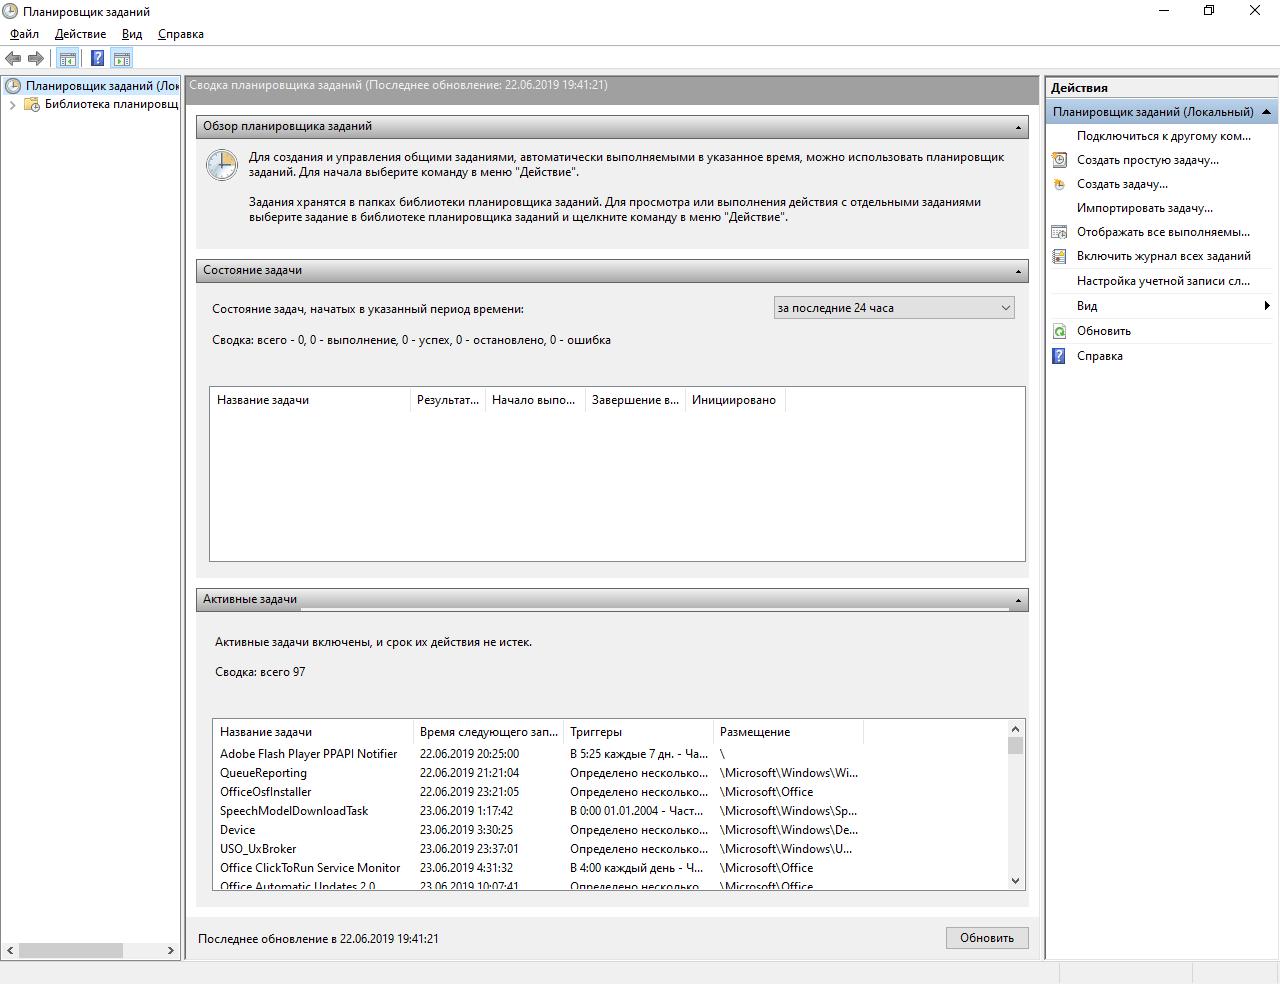 планировщик задач windows 10.